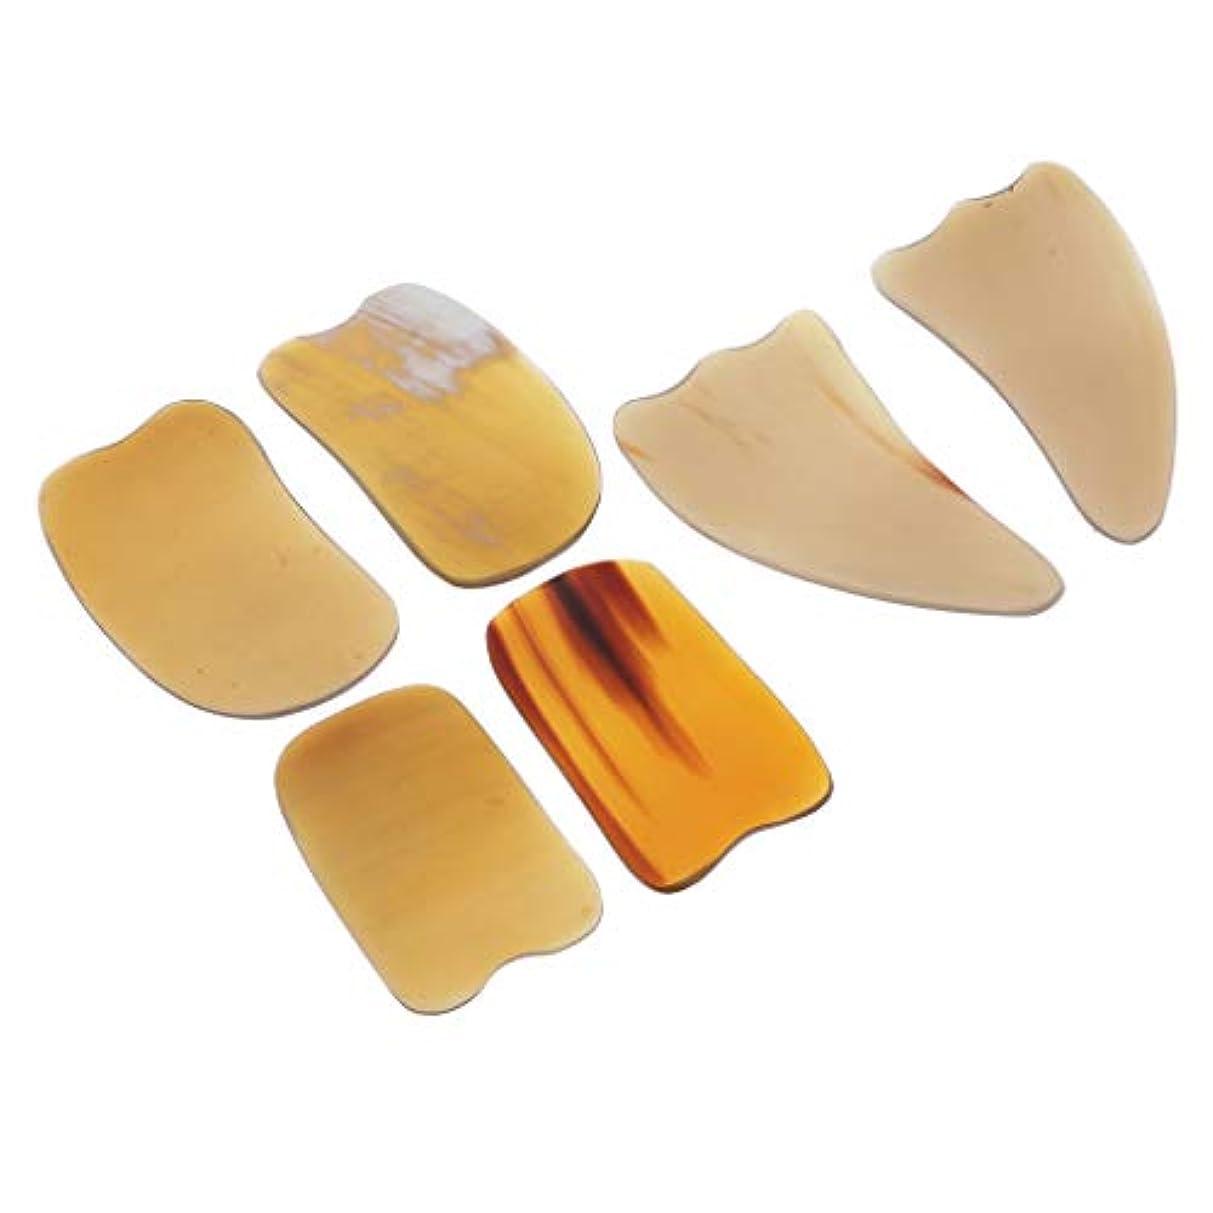 液体テスピアン項目スクレイピングボード カッサボード カッサマッサージ道具 ボディマッサージ SPA 角形